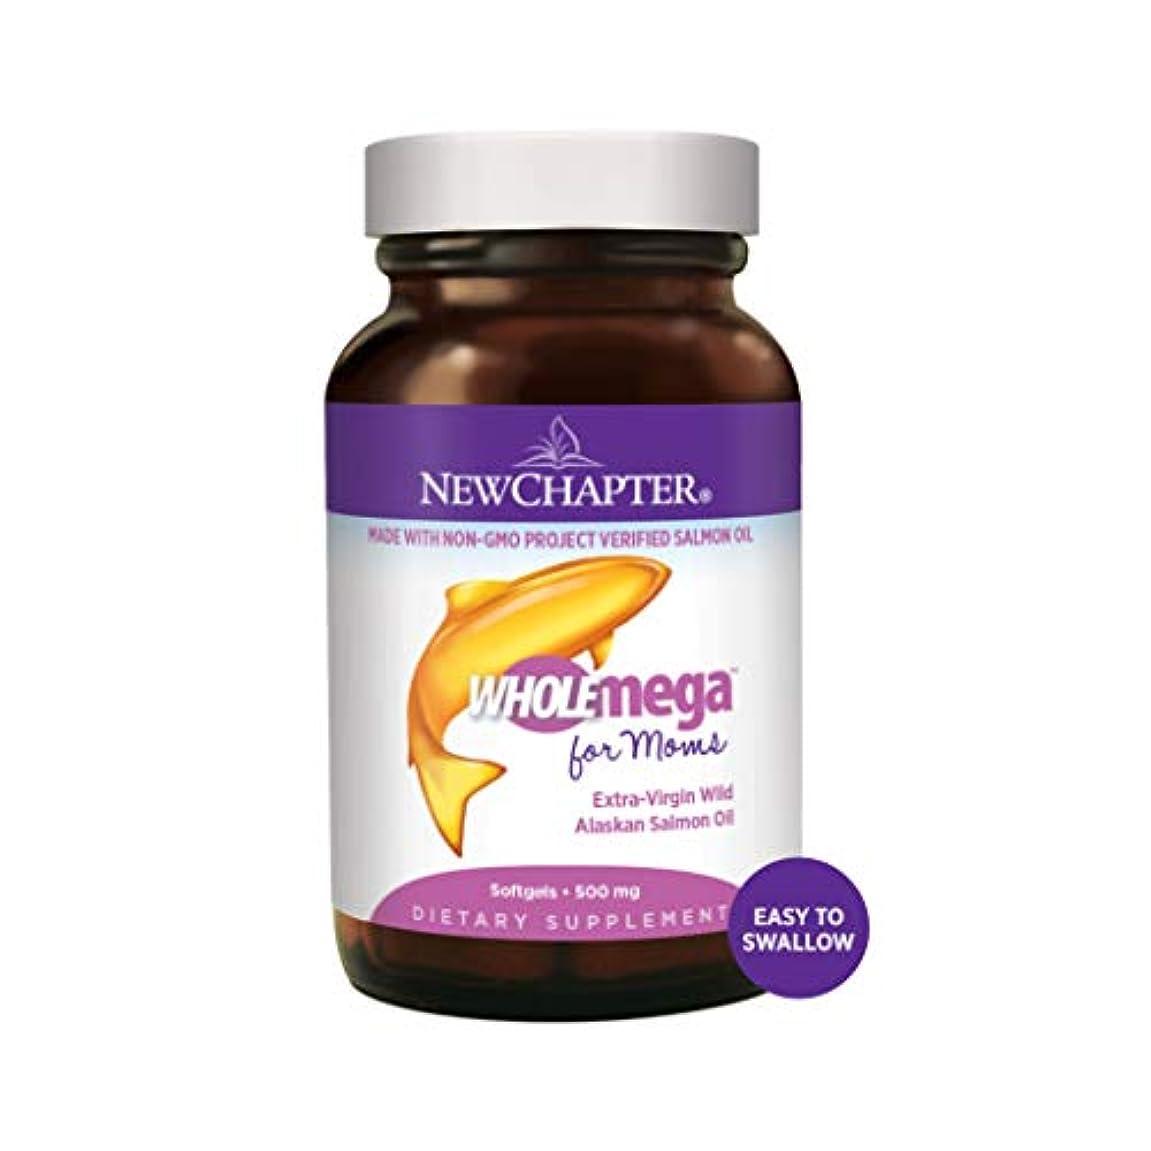 方法ブラケット発行する【妊婦さん用フィッシュオイル】New Chapter社 - Wholemega Prenatal 500 mg - 90 Softgels  ~海外直送品~